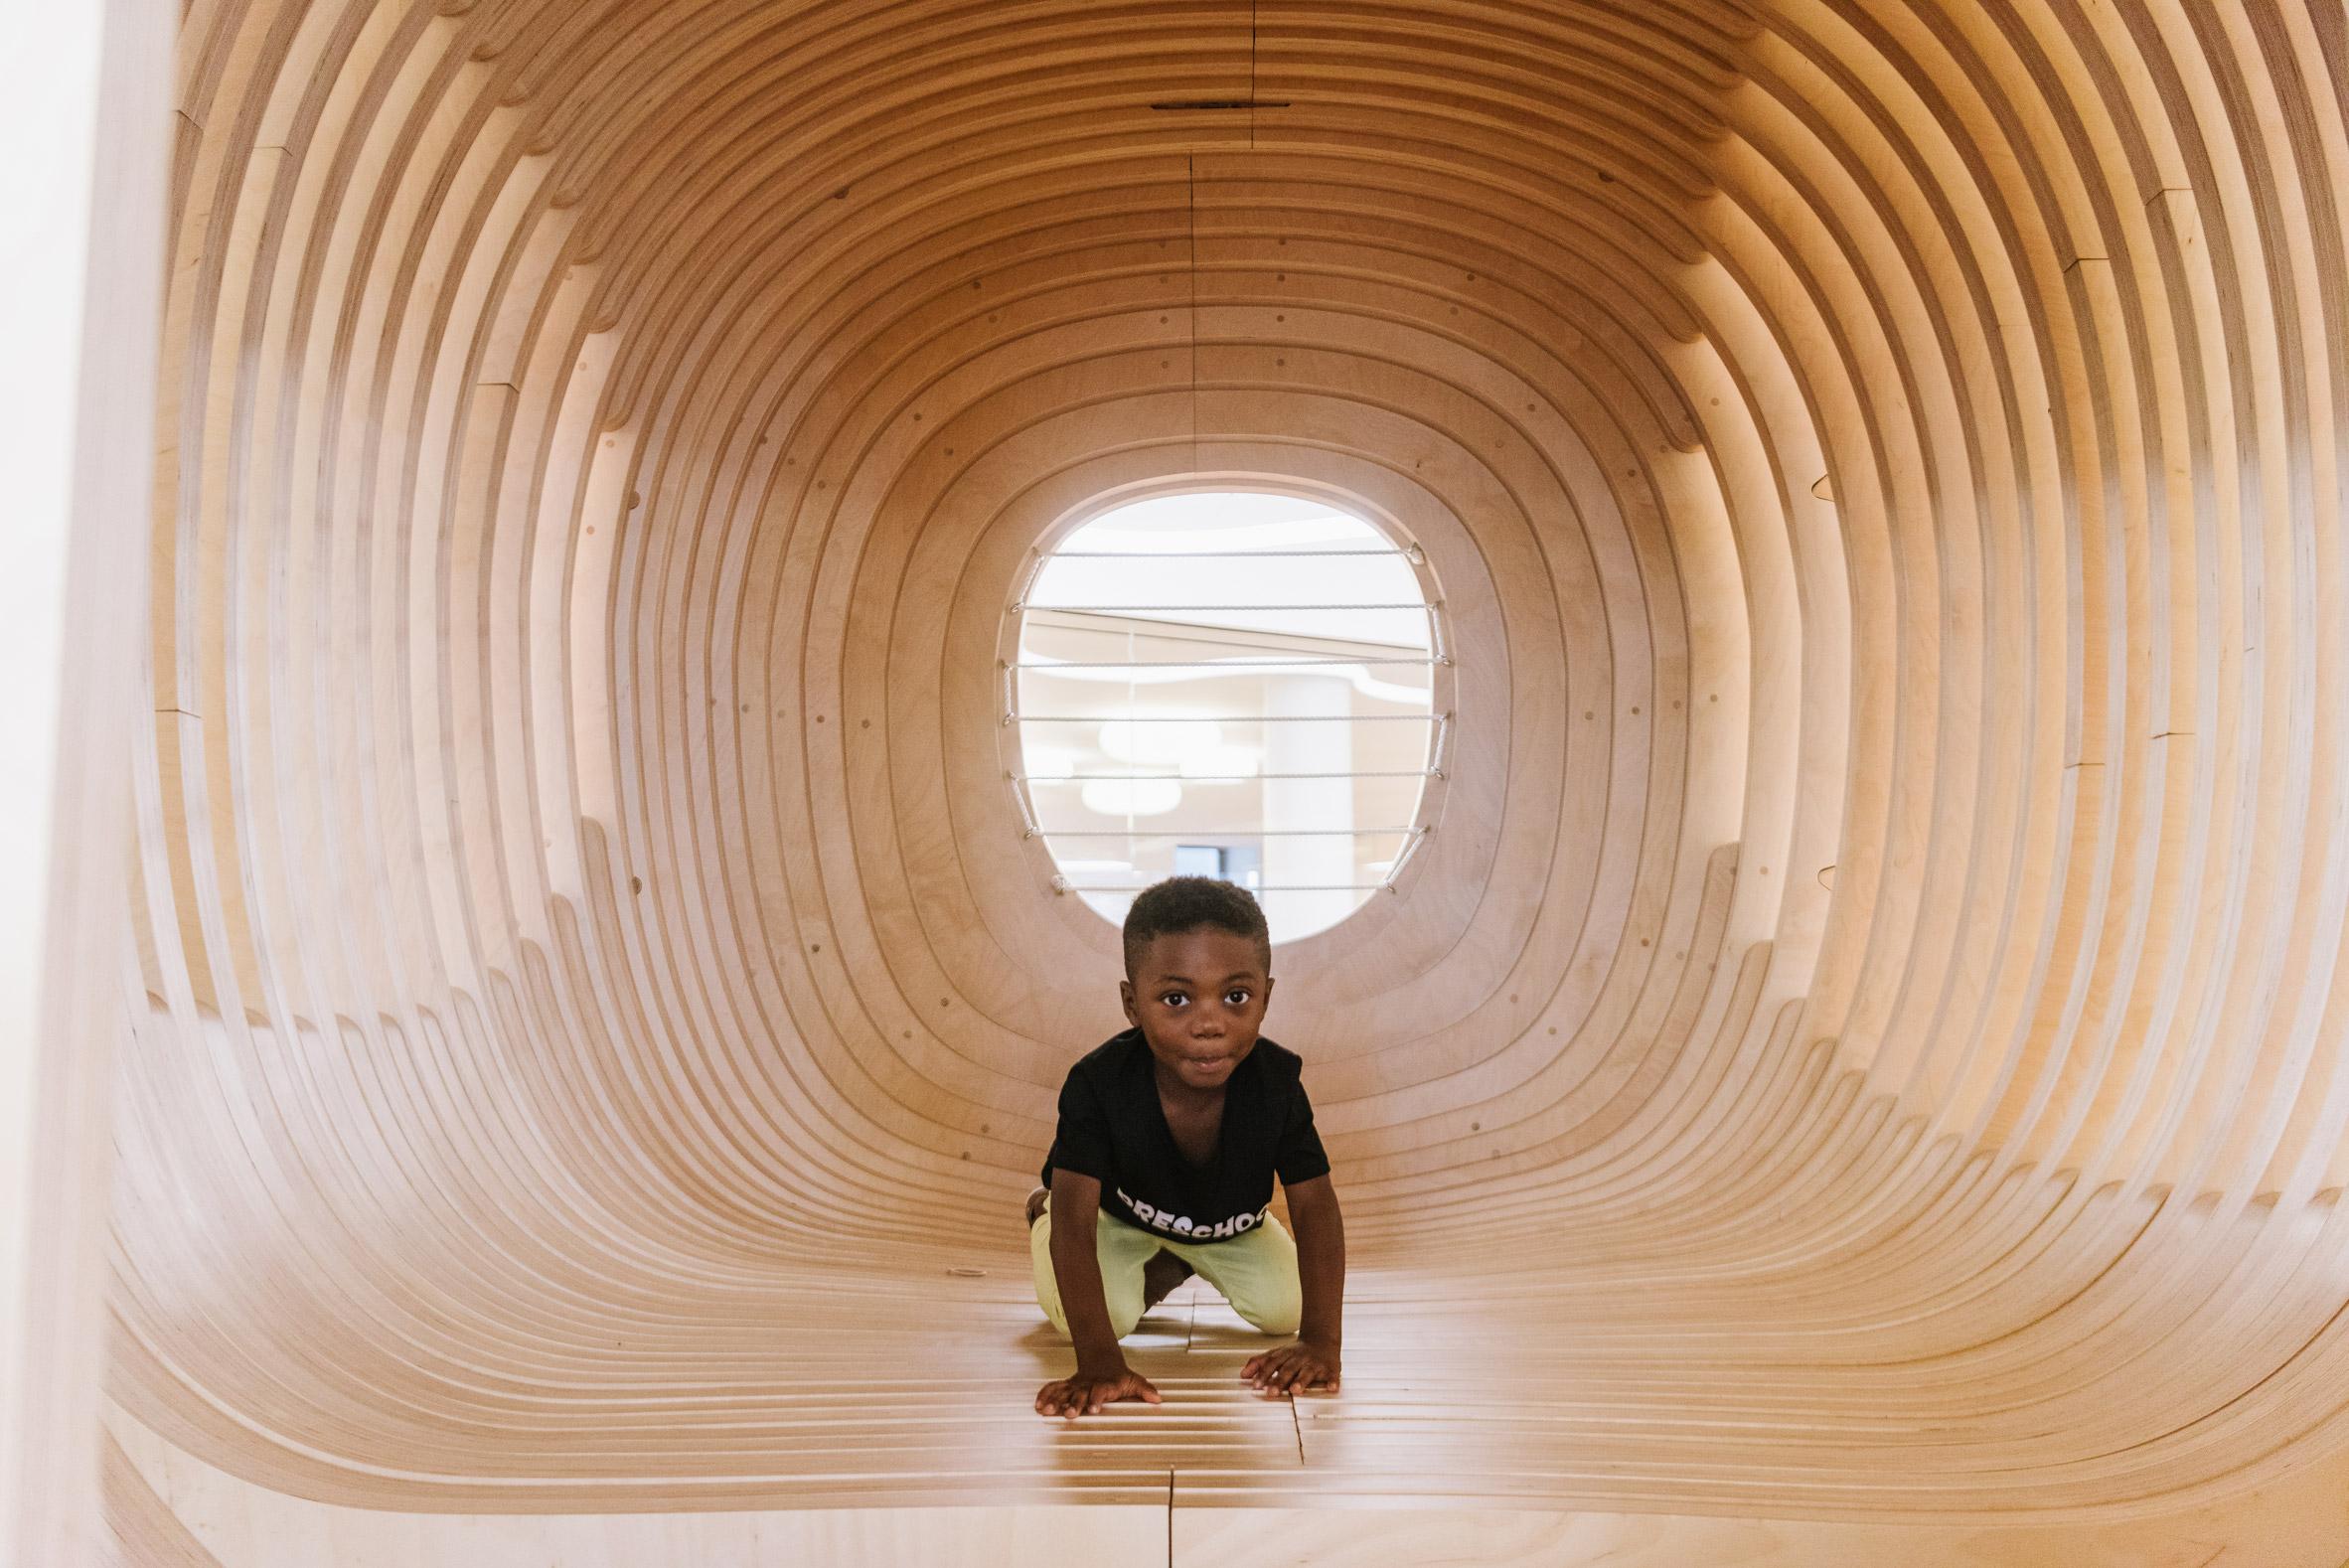 wegrow-big-wework-kindergarten-children-new-york-usa_dezeen_2364_col_0.jpg